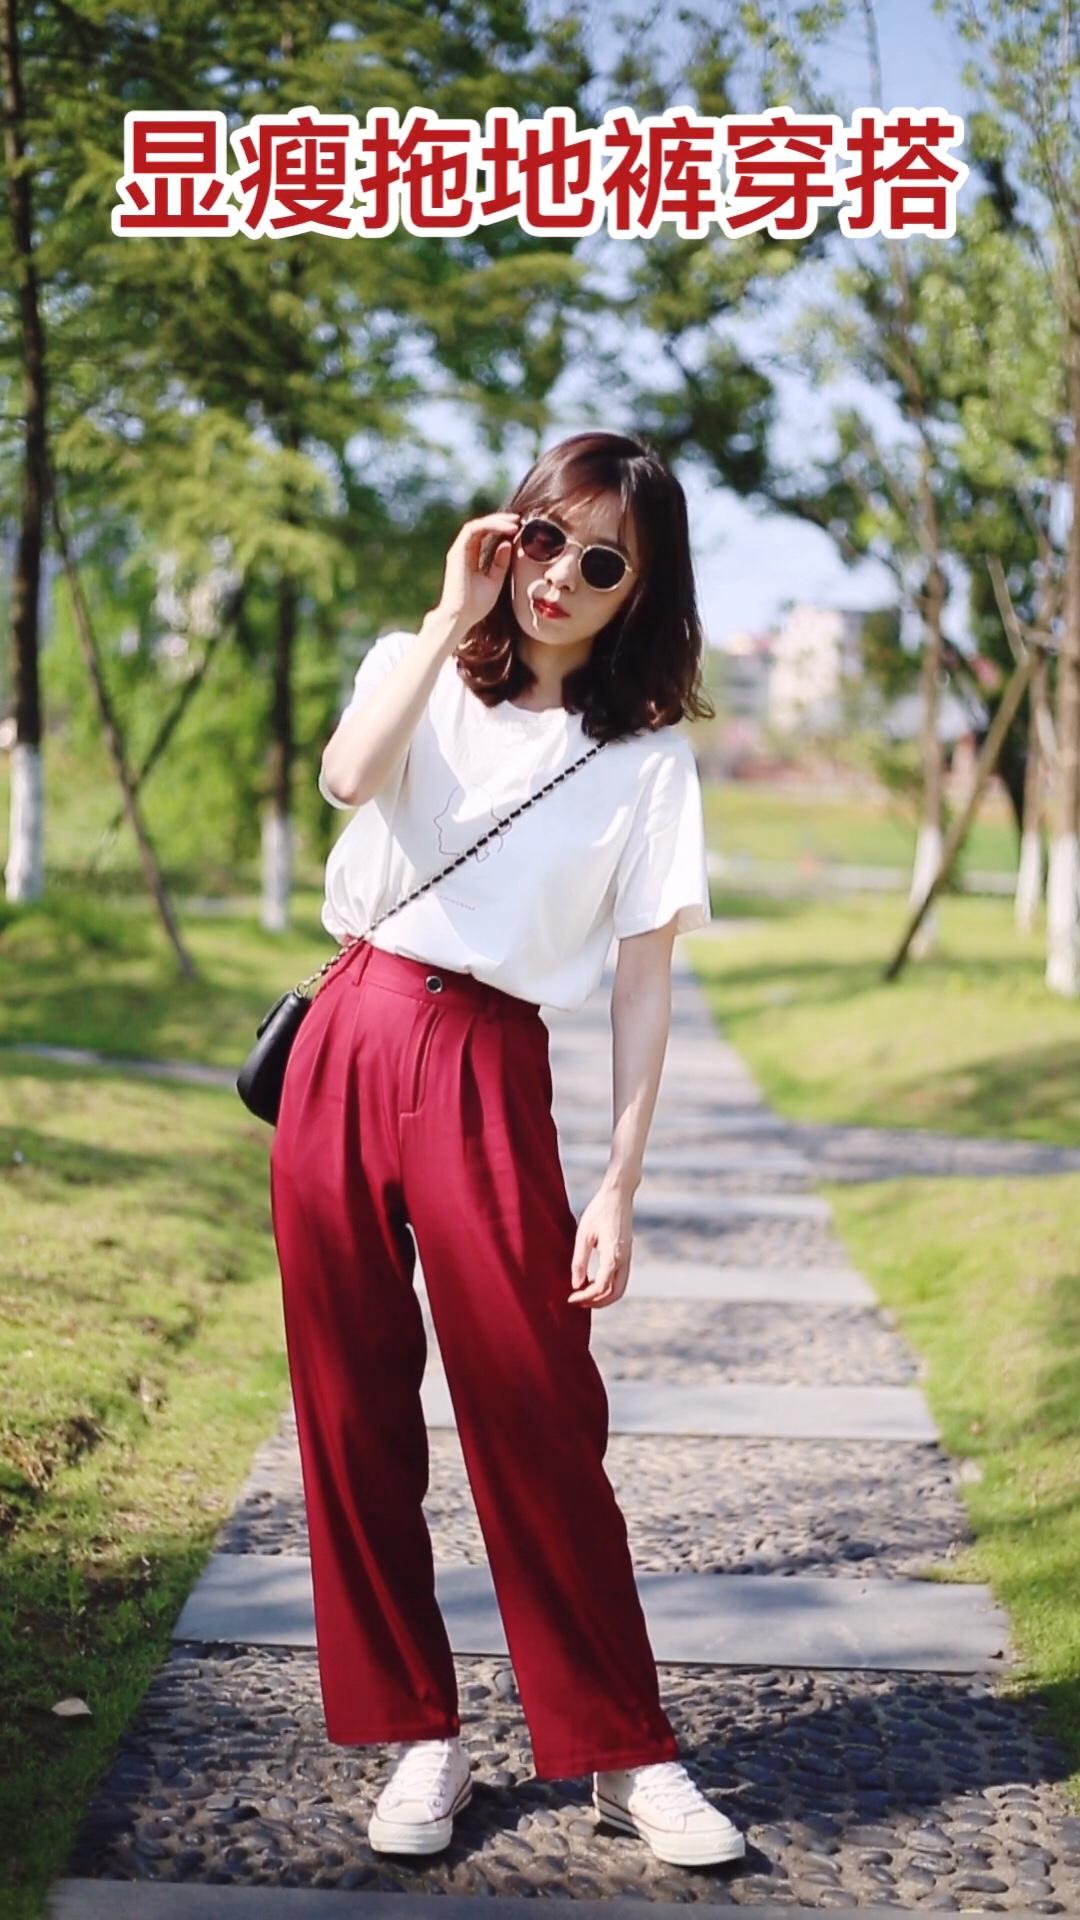 #韩系网红风,也太太太好看了!# 拖地裤绝对是显高利器了 红色的拖地裤也非常洋气 上衣搭配红色印花白色t 上下颜色呼应更加统一 鞋子用的匡威1970米色 酒红色的边边也和裤子颜色呼应 墨镜的加入更加酷酷的